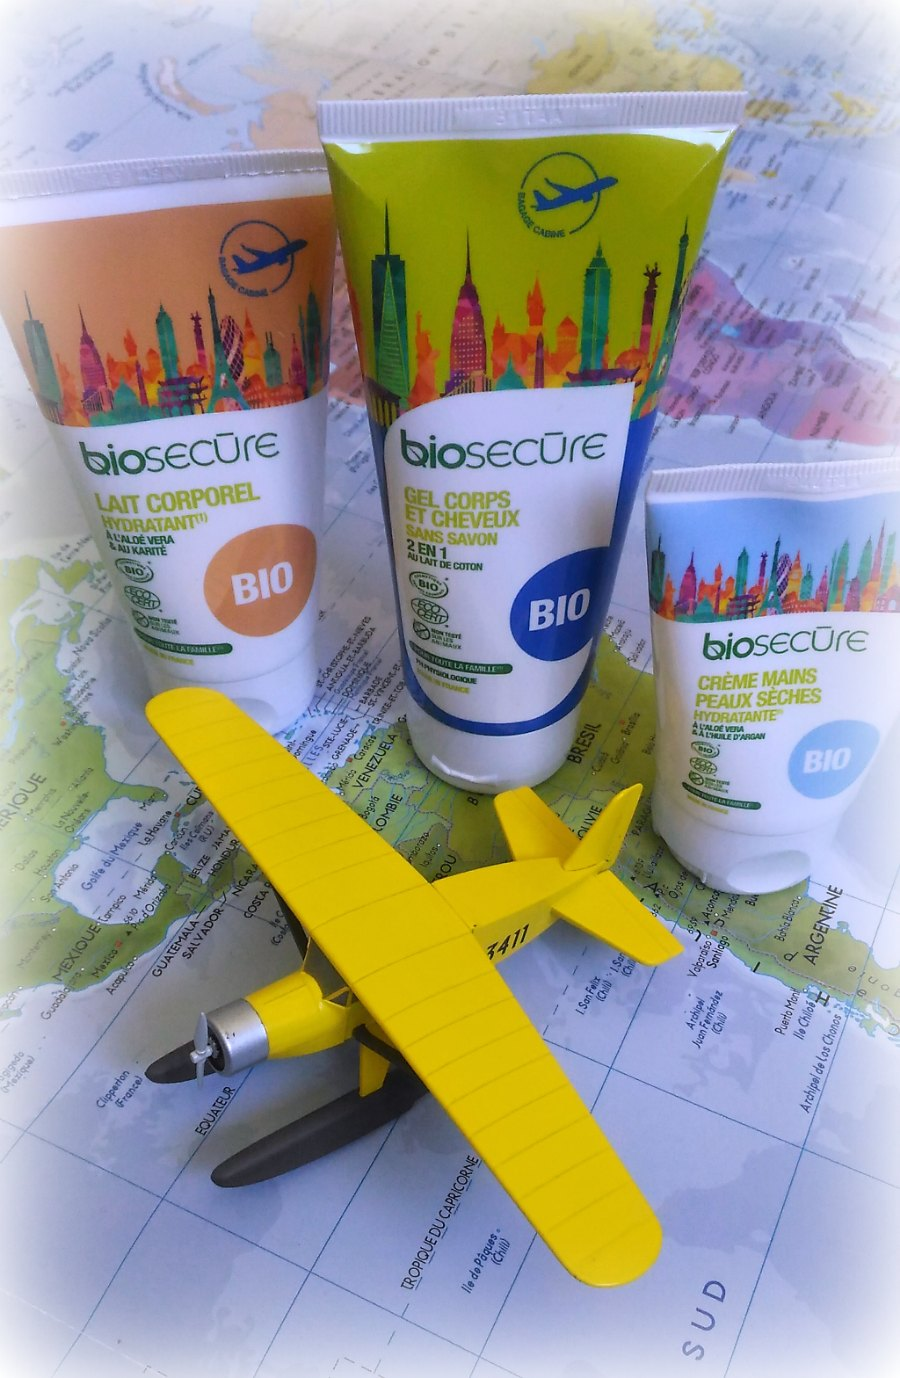 biosecure-produits-cosmetiques-avion-bagage-cabine-voyage-beaute